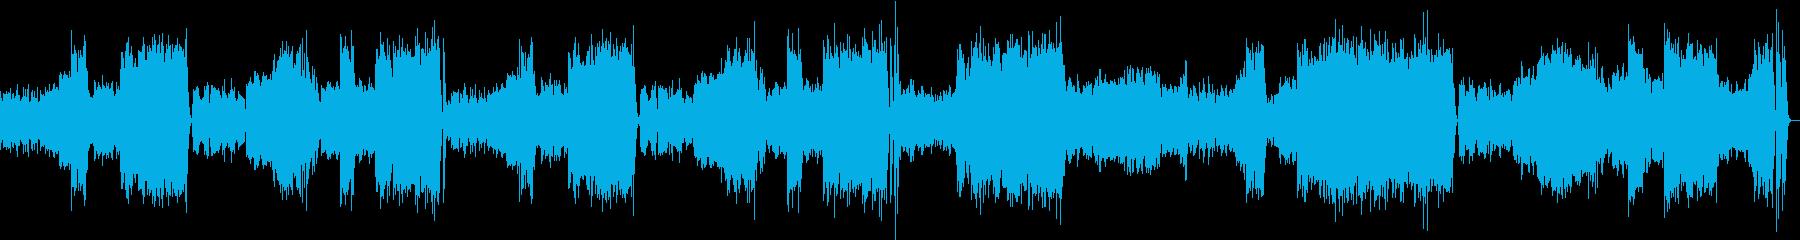 交響曲第40番ト短調 K.550よりの再生済みの波形